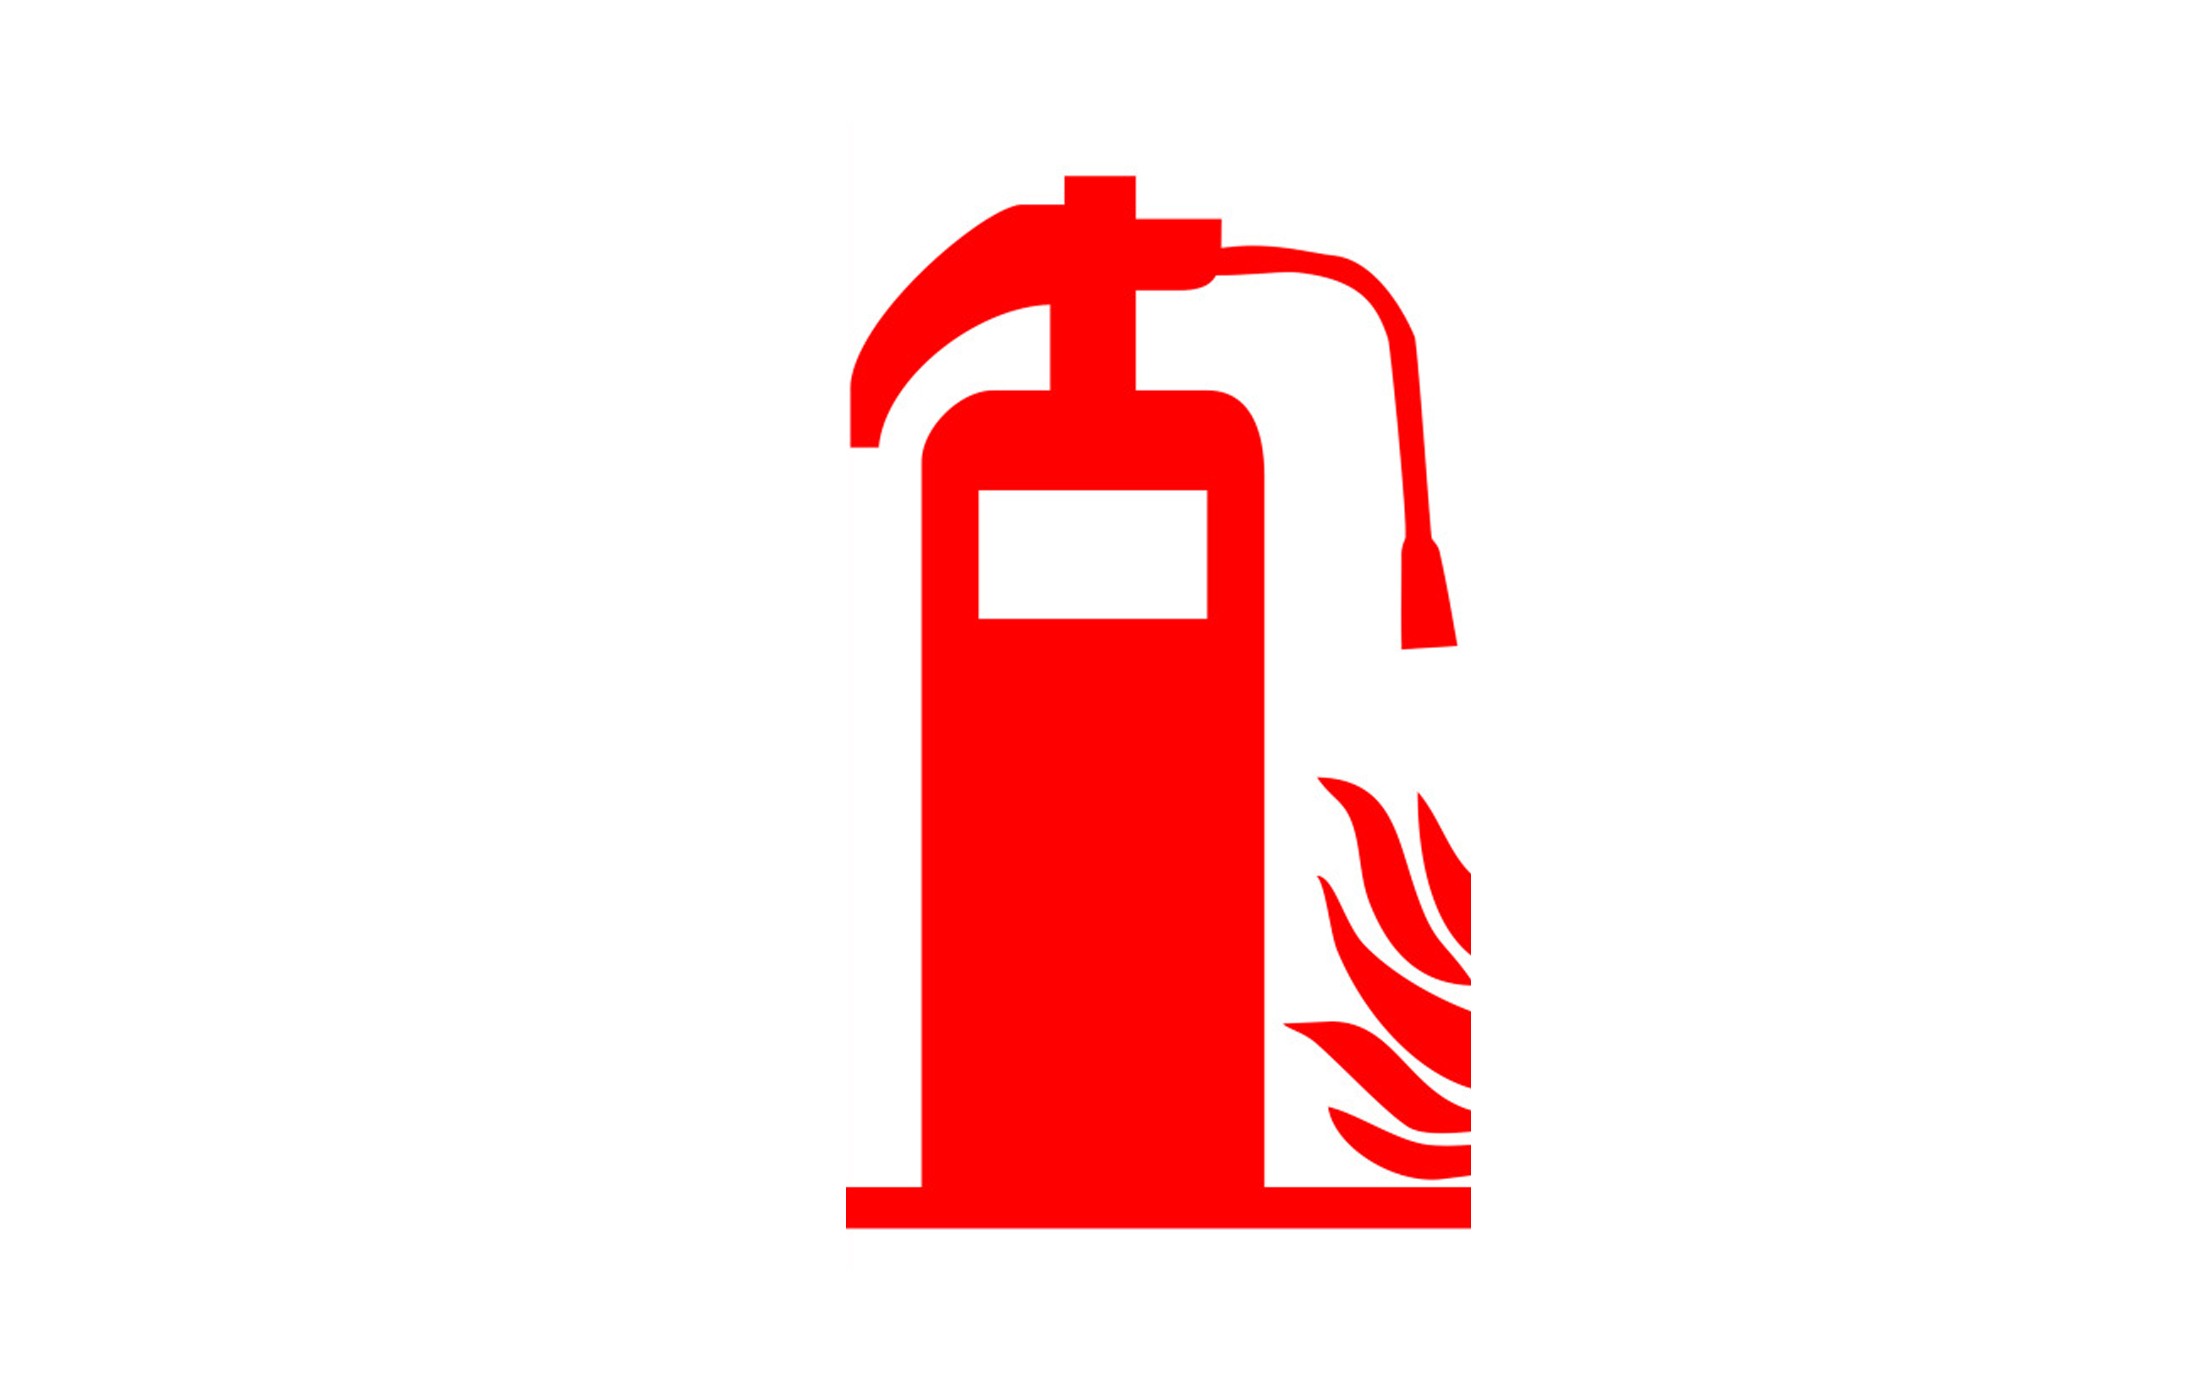 零消防隶属于北京金脑汇国际投资管理有限公司,公司成立于2003年。针对微型消防车投产于2014年,公司现在中国北京设有专业消防设备研发、制造基地;初步形成完整的销售渠道和服务保障体系。零消防不仅提供高品质的消防产品,还为客户提供最专业的消防系统一站式解决方案。公司追求 用科学树立消防文明的典范,竭诚为客户提供质量一流的产品、最优化的消防一站式解决方案和上乘的配套服务,并努力与客户建立长期合作的良好关系,使其成为用户的第一选择。 随着现在生活水平的提高,汽车作为代步工具已经进入千家万户。车辆停放和